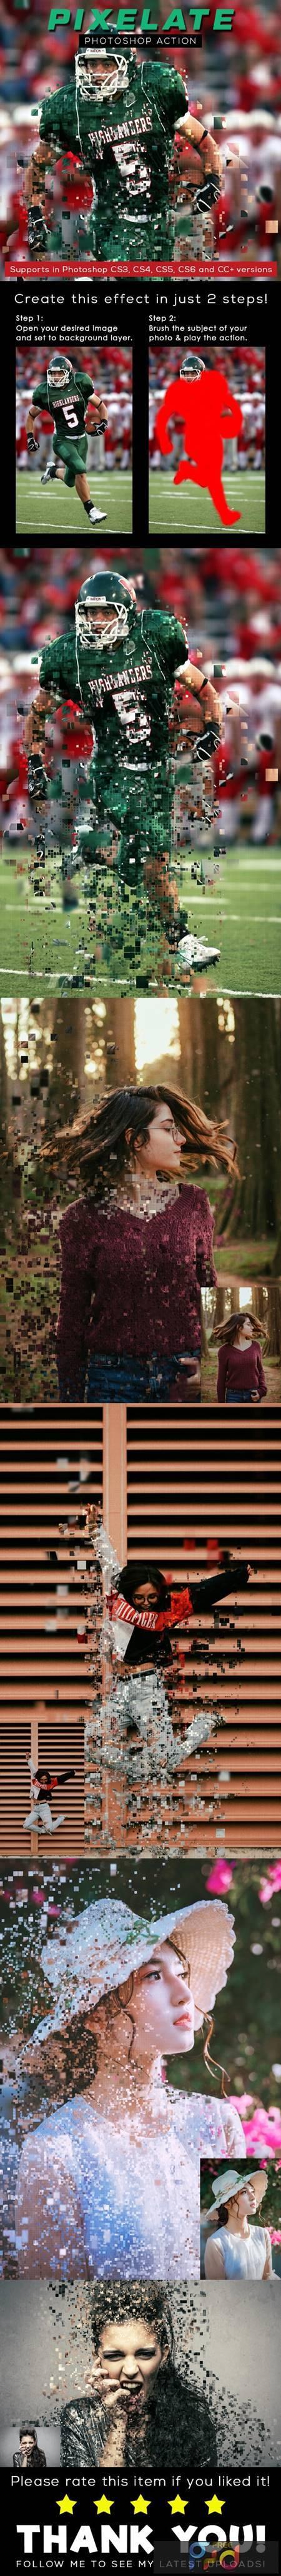 Pixelate Photoshop Action 26304514 1